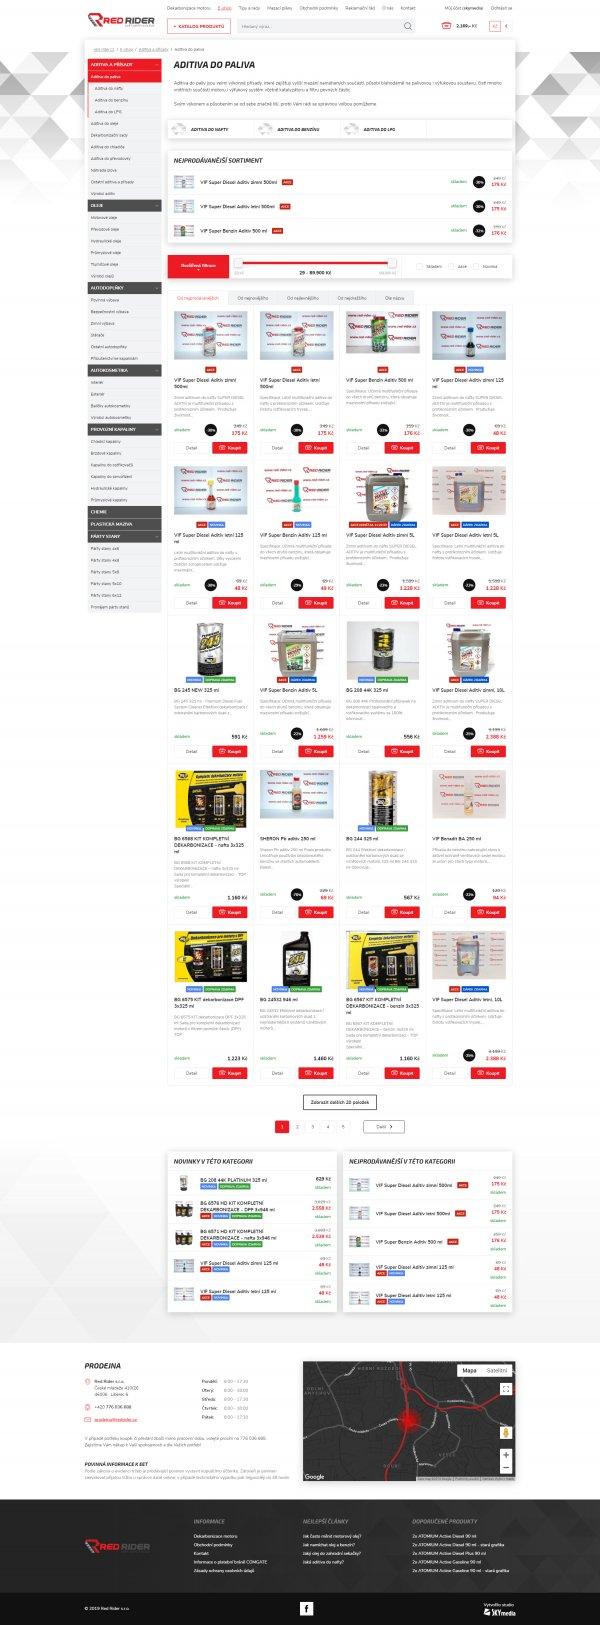 Výpis produktů